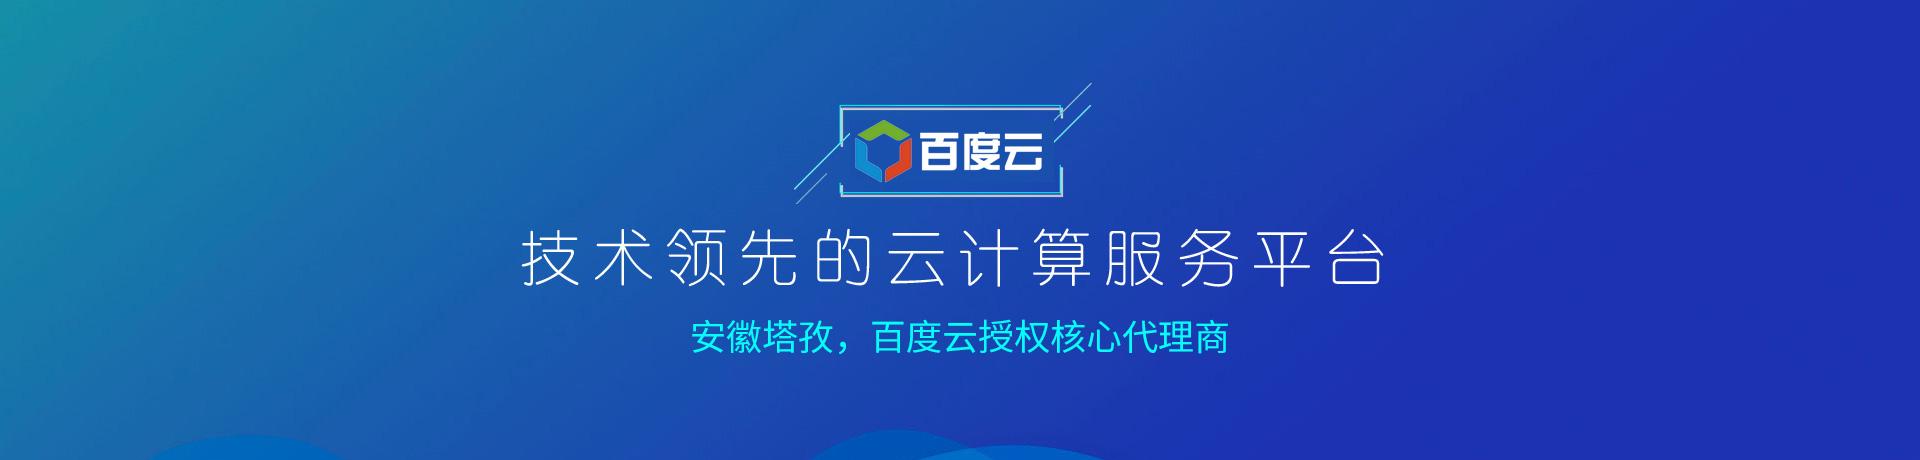 蚌埠商标注册,蚌埠商标代理,蚌埠公司注册,商标注册